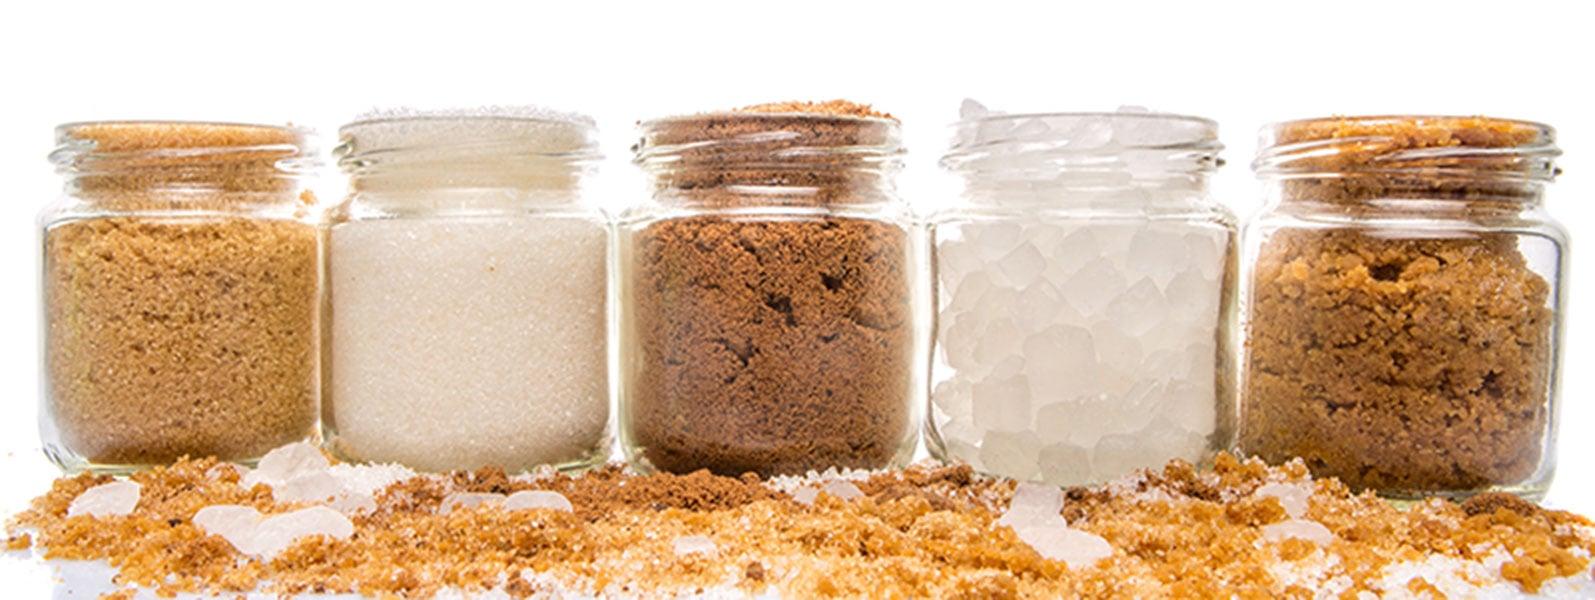 Coconut Sugar alternatives